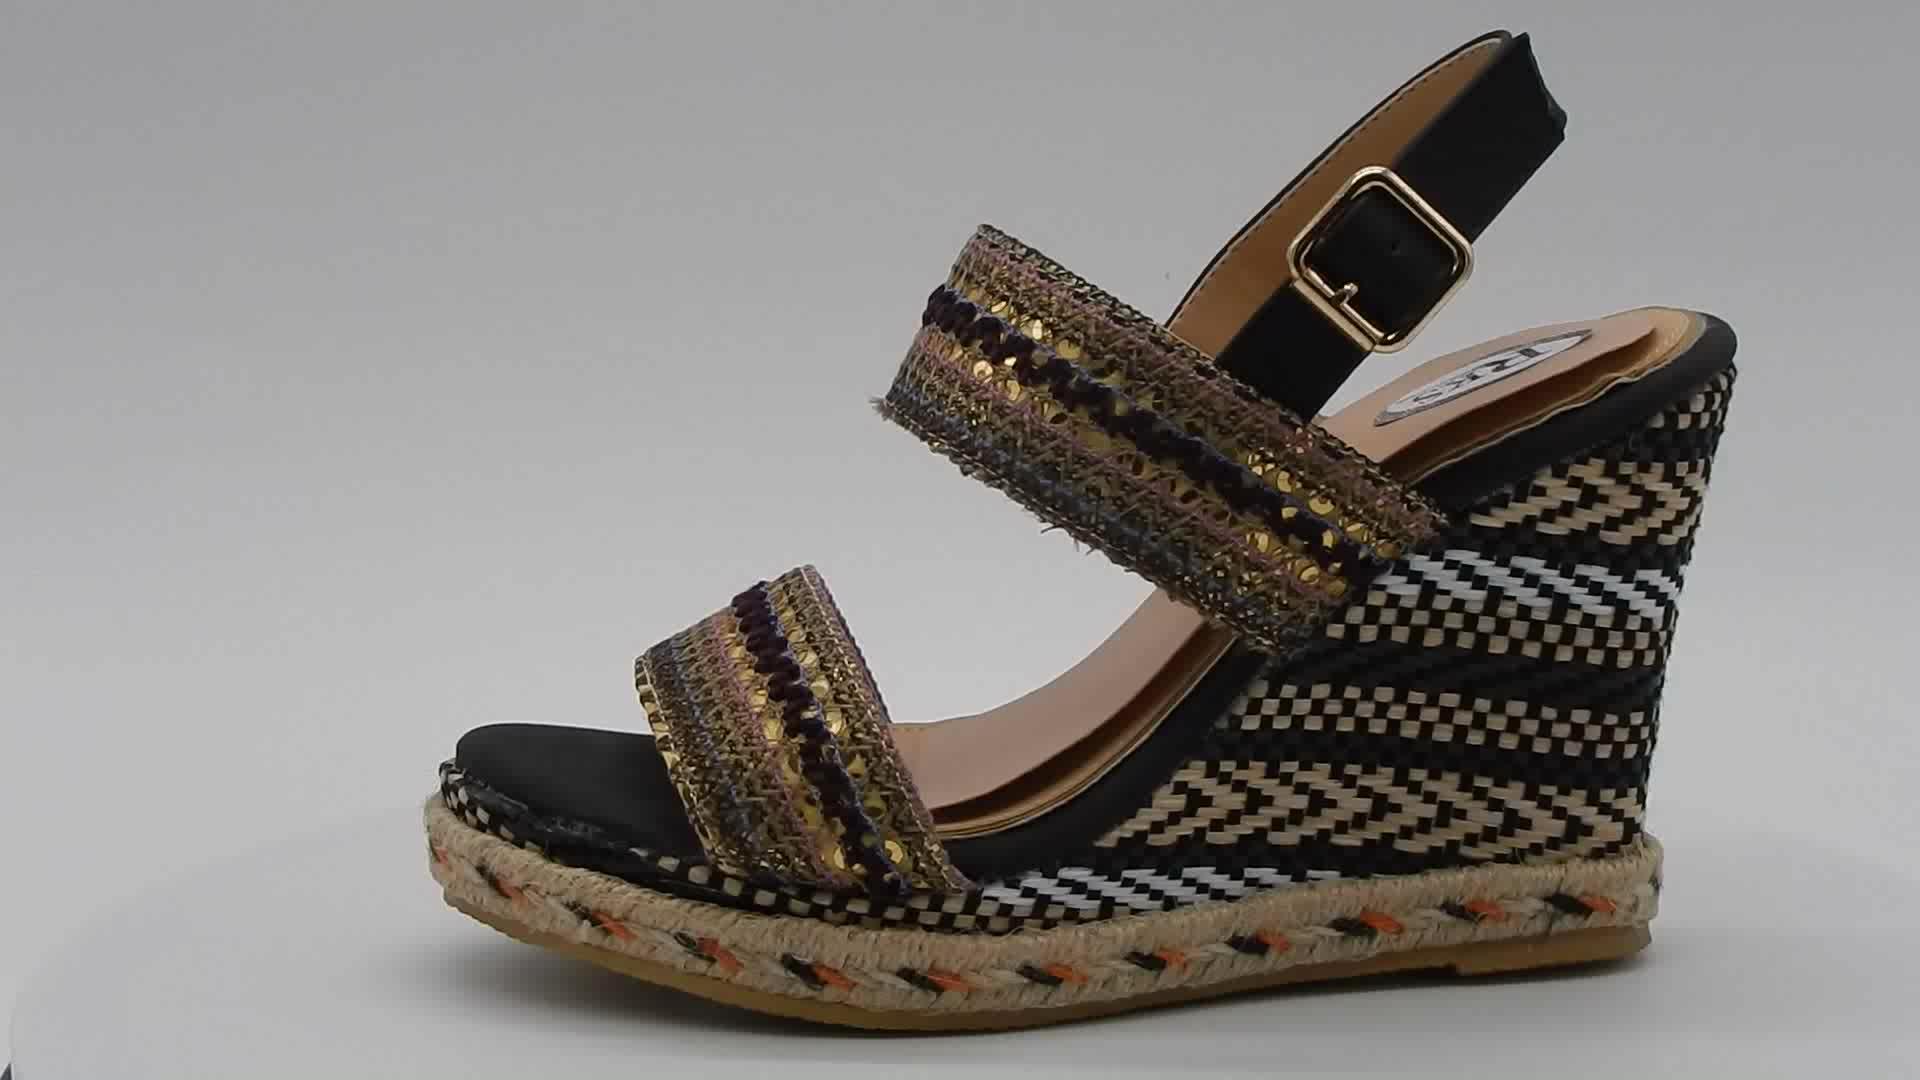 Fancy Girls Wedge Heel Platform Shoes Sandals 2017 Buy